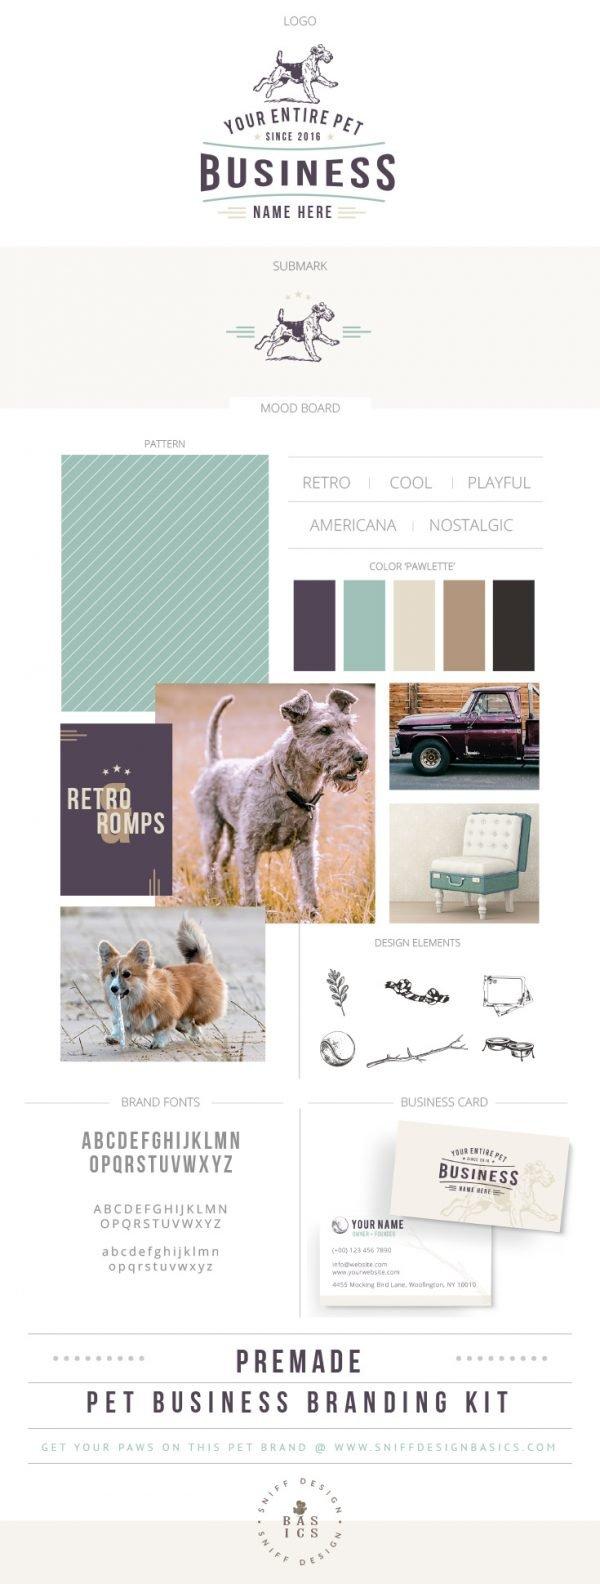 Retro Romping Rover Premade Pet Branding Kit Design by Sniff Design Basics